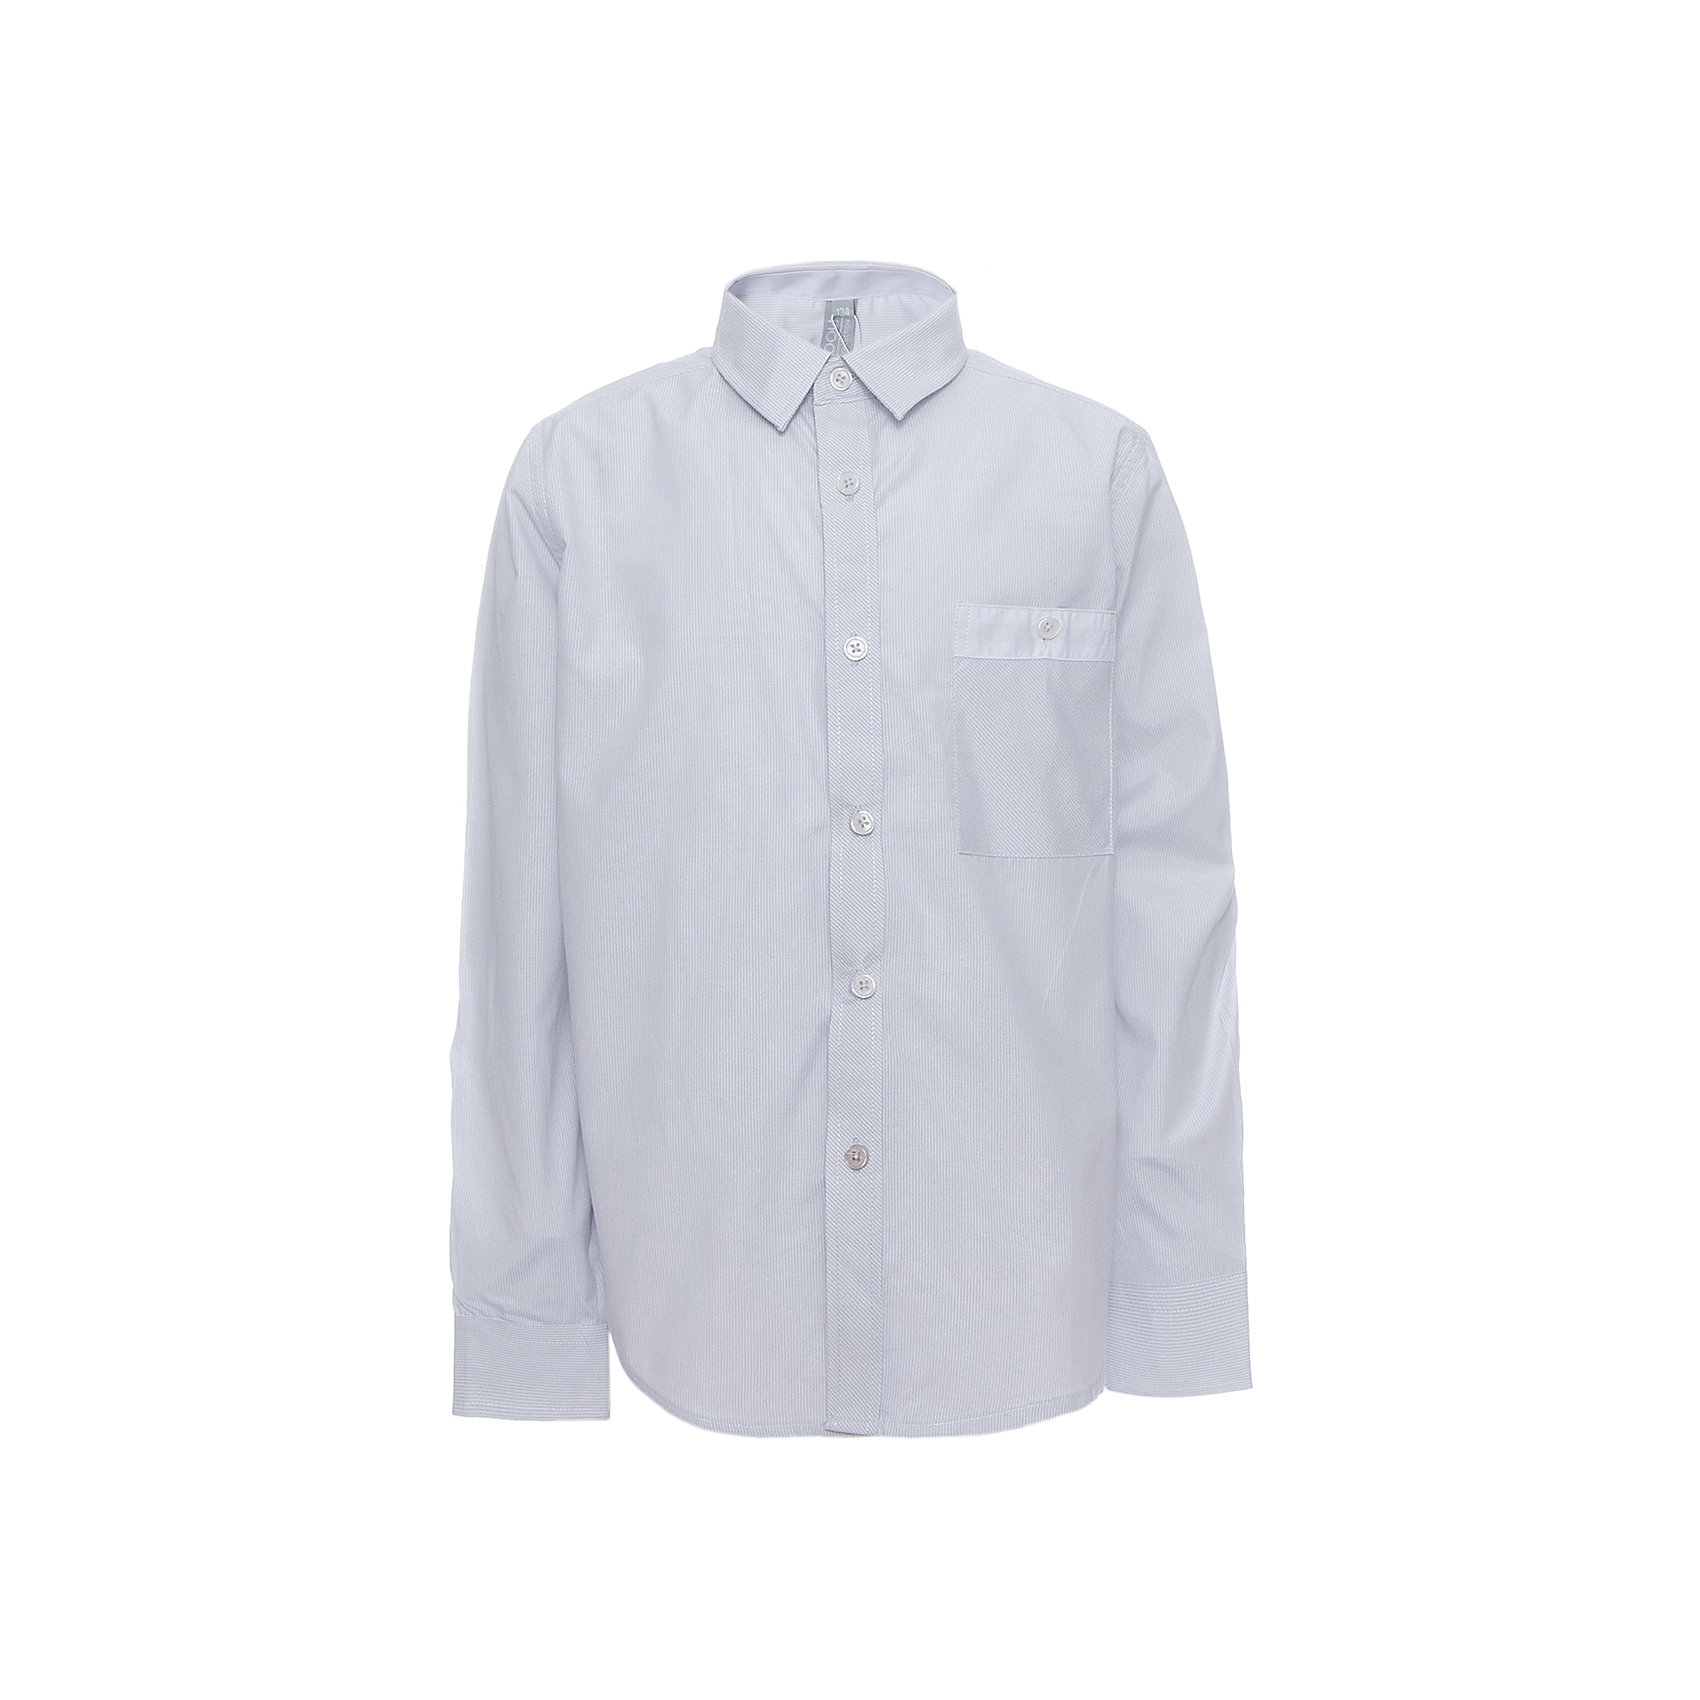 Рубашка для мальчика ScoolРубашка для мальчика от известного бренда Scool<br>Состав:<br>45% хлопок, 55% полиэстер<br>Классическая светло-серая сорочка в мелкую полоску. Застегивается на пуговицы. На груди кармашек. Контрастная белая отделка по планке, карману и на рукавах.<br><br>Ширина мм: 174<br>Глубина мм: 10<br>Высота мм: 169<br>Вес г: 157<br>Цвет: голубой<br>Возраст от месяцев: 132<br>Возраст до месяцев: 144<br>Пол: Мужской<br>Возраст: Детский<br>Размер: 152,146,122,128,134,140,164,158<br>SKU: 4686742